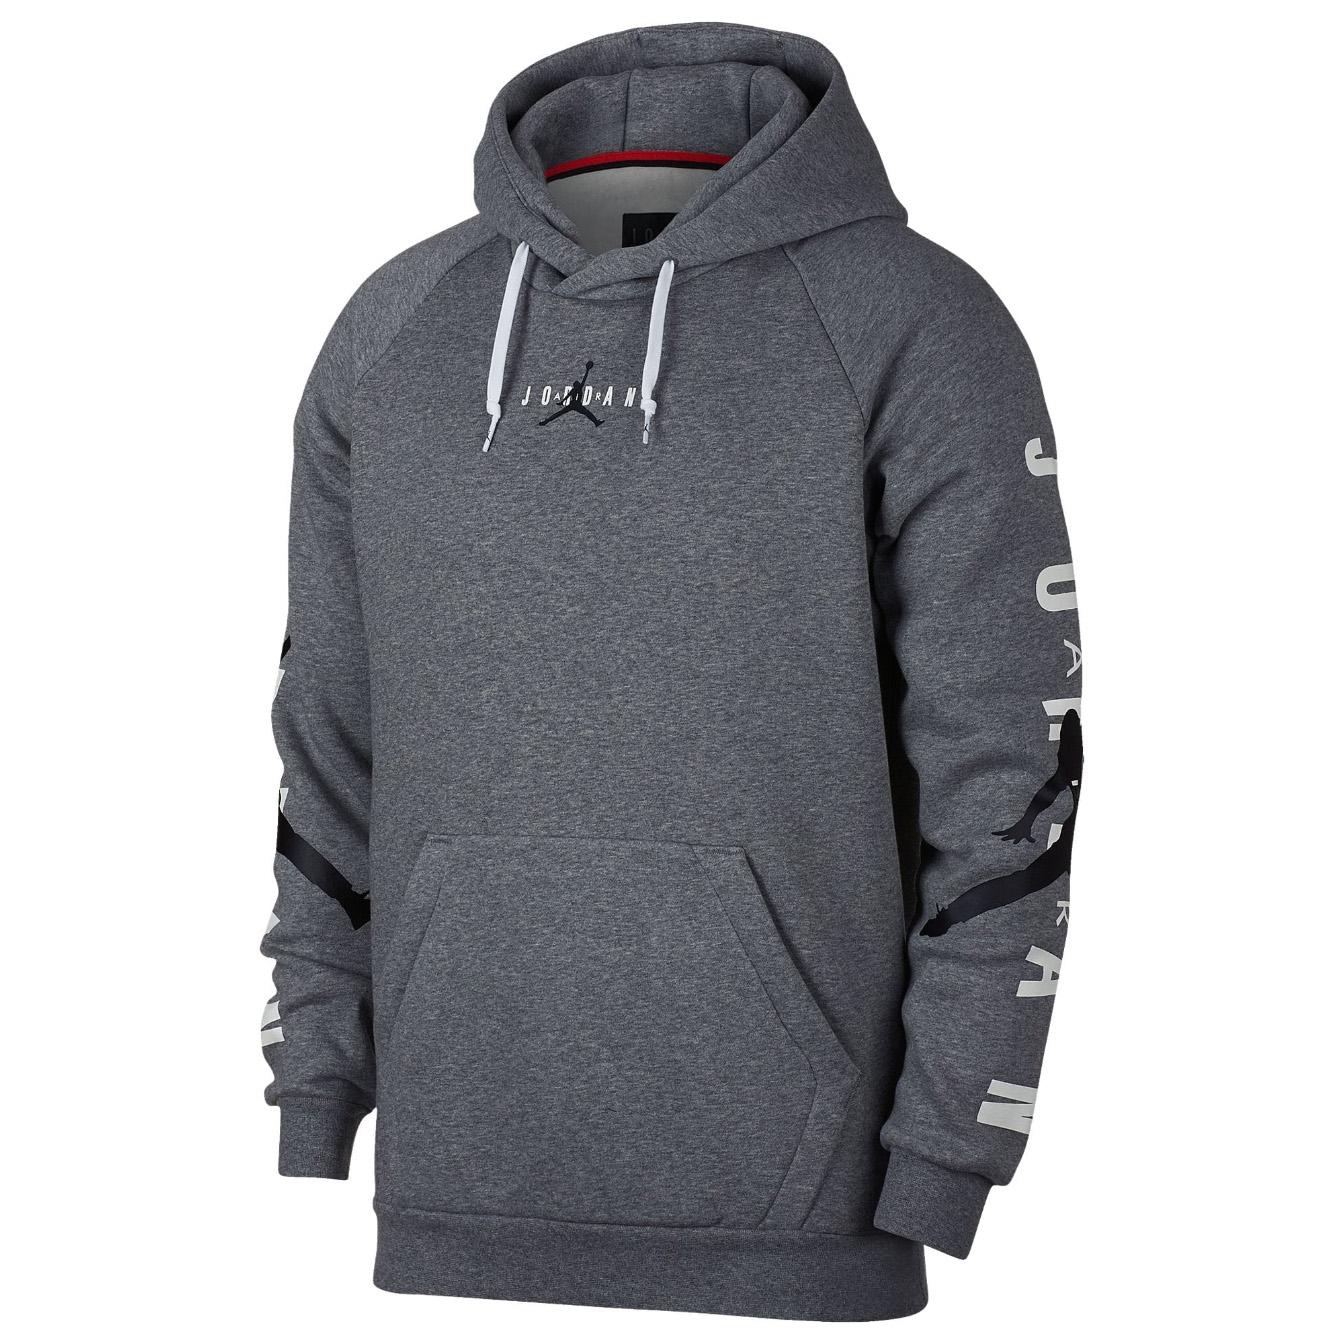 1714a60c3c3 Details about JORDAN Jumpman Air HBR Pull Over Hoodie Sweatshirt Sweat  Shirt jumper fleece